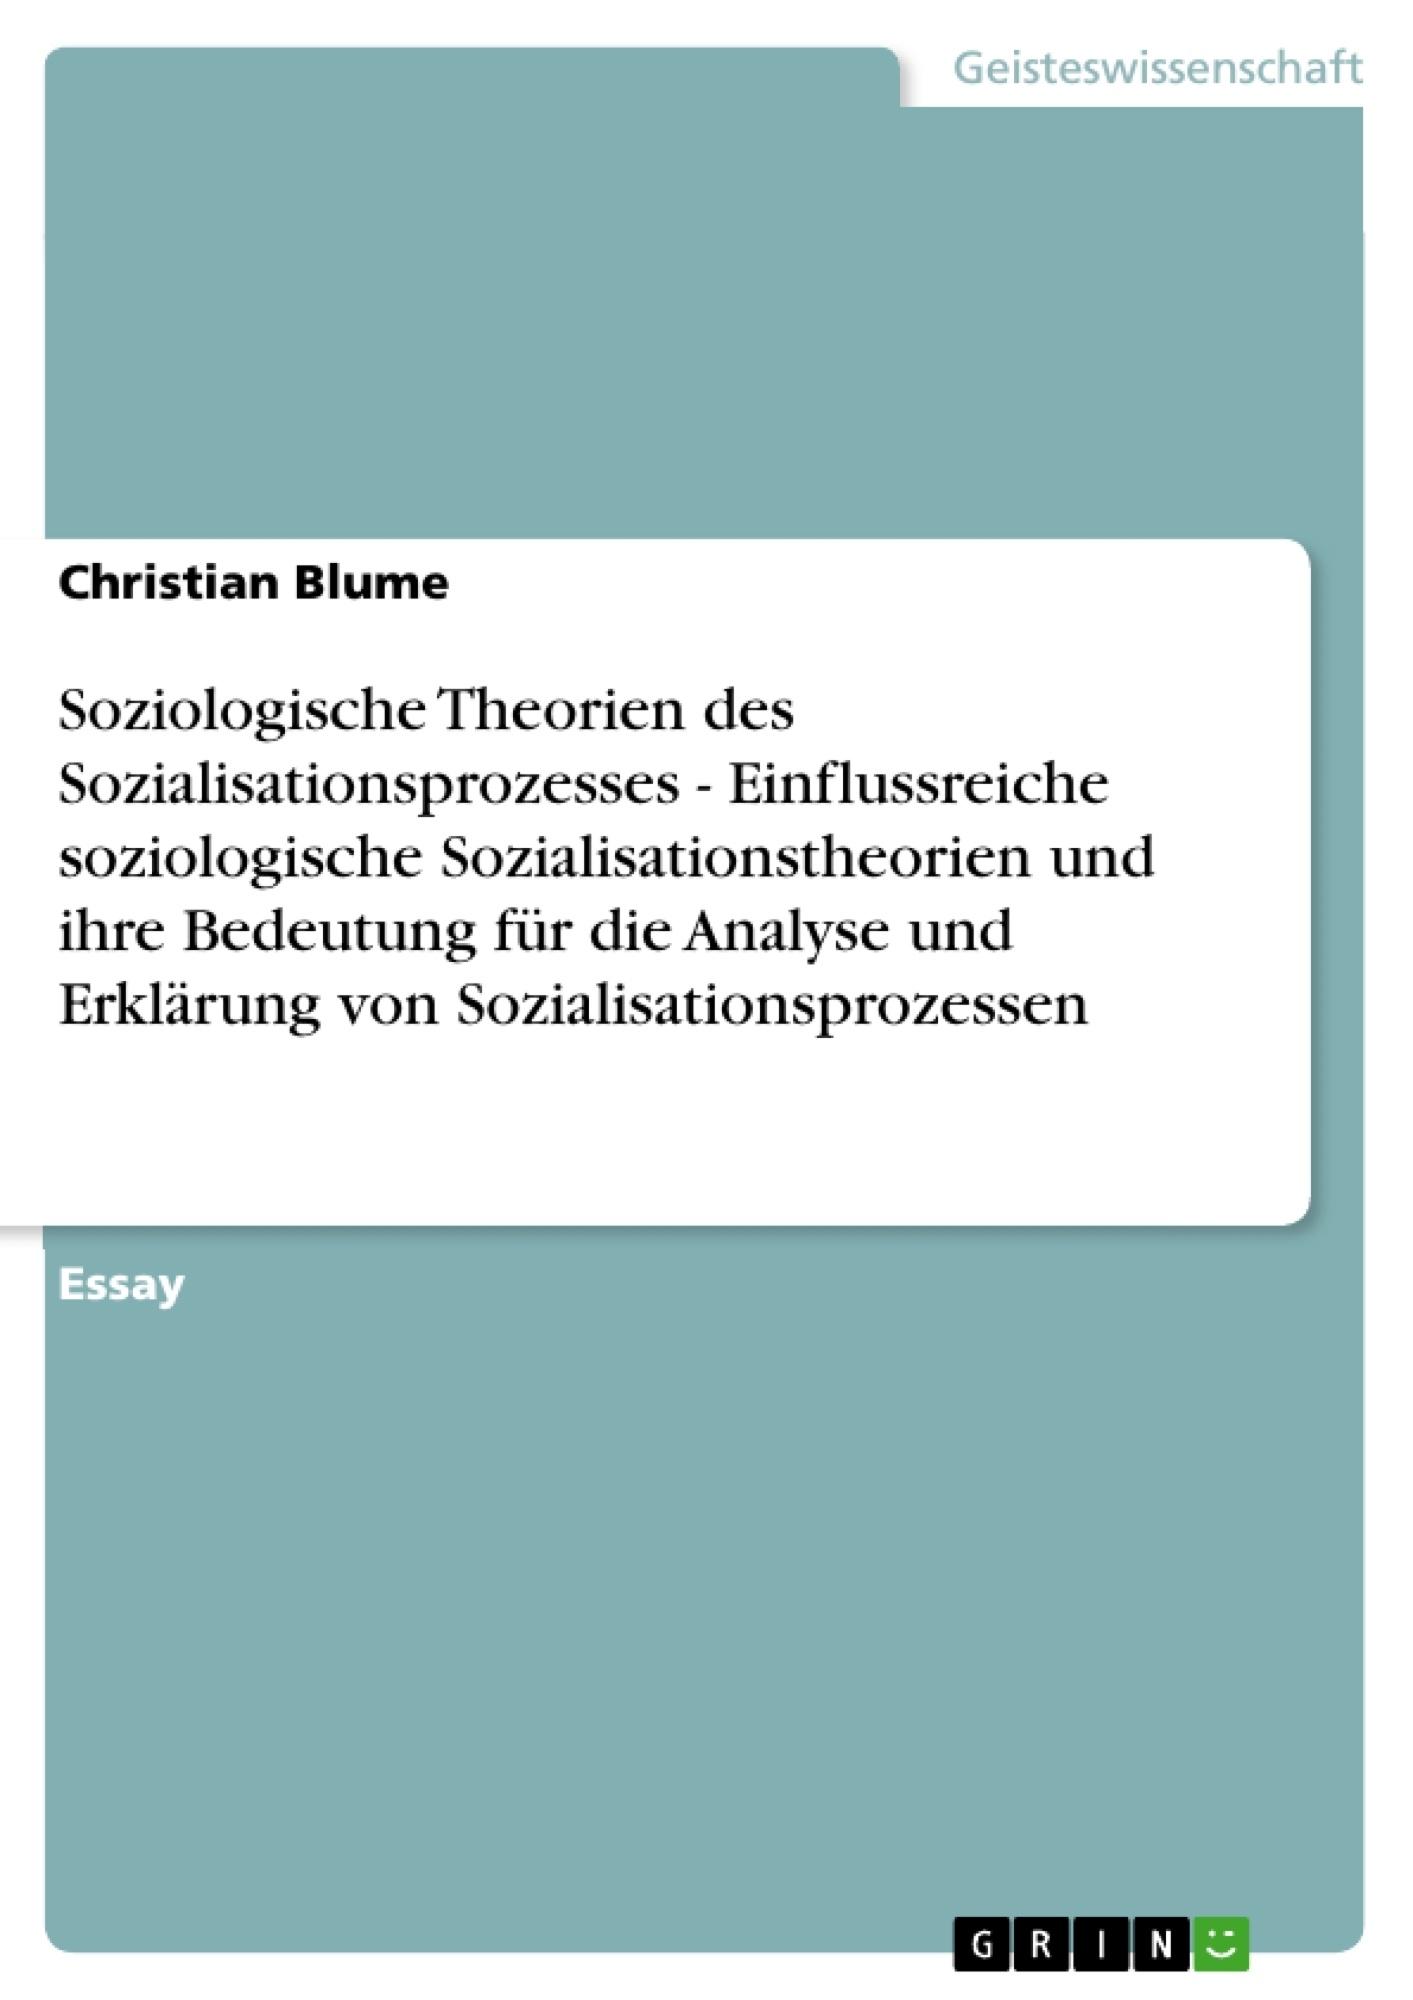 Titel: Soziologische Theorien des Sozialisationsprozesses - Einflussreiche soziologische Sozialisationstheorien und  ihre Bedeutung für die Analyse und Erklärung von Sozialisationsprozessen